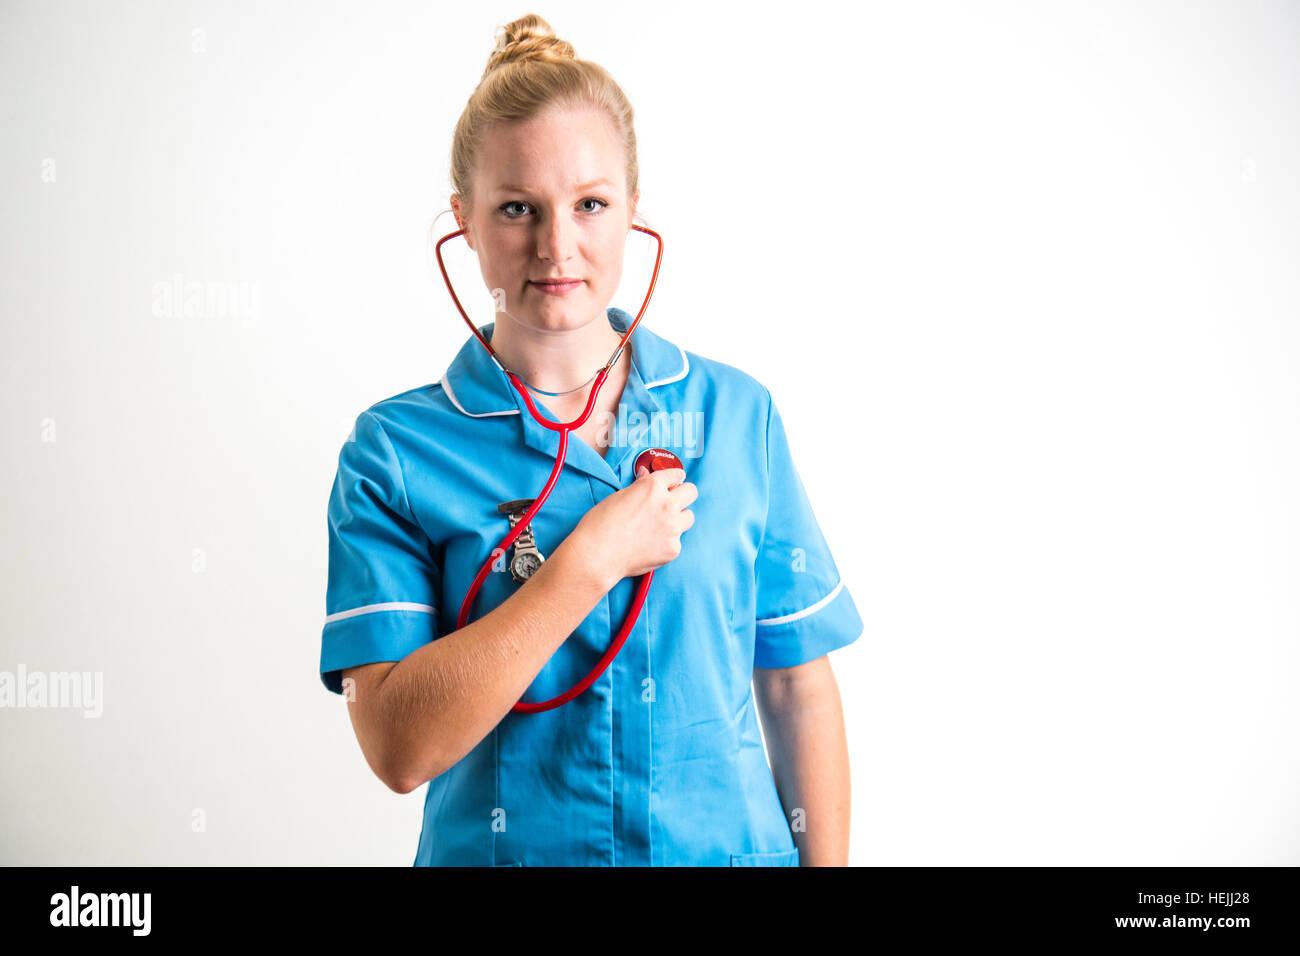 Regno Unito i professionisti sanitari : un servizio sanitario nazionale (NHS) donna infermiera femmina ascoltare Immagini Stock